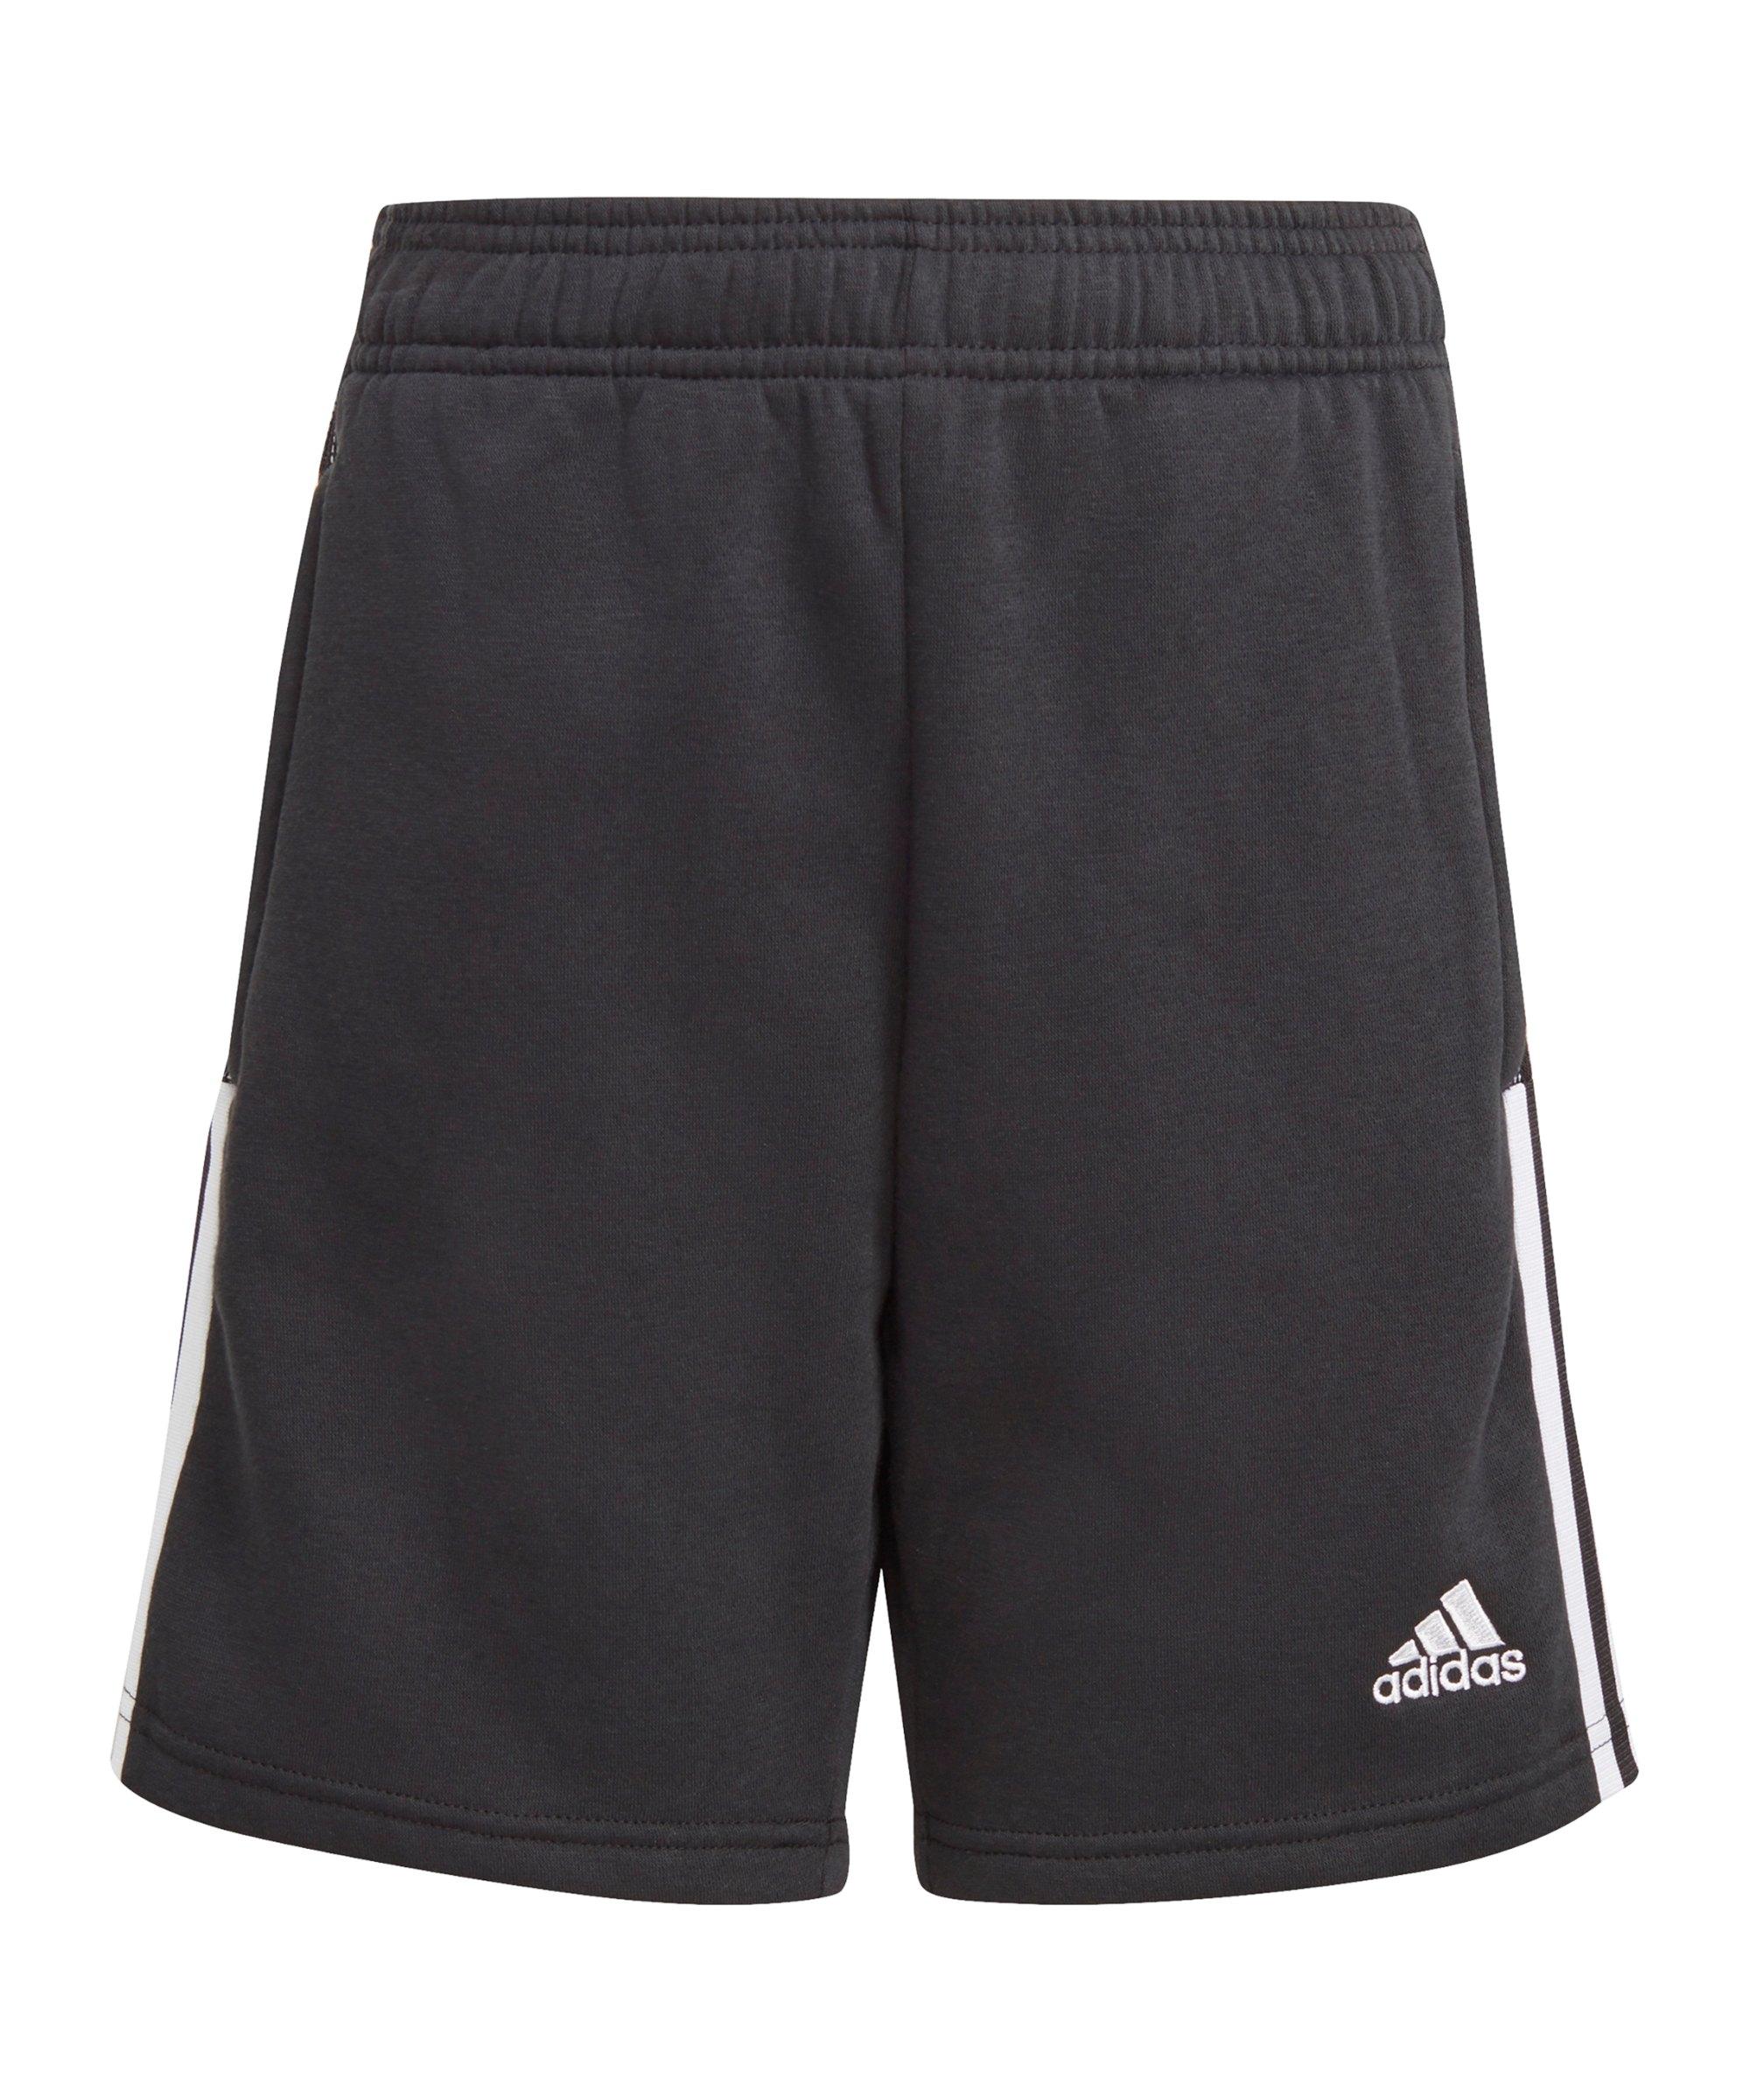 adidas Tiro 21 Sweat Short Kids Schwarz - schwarz